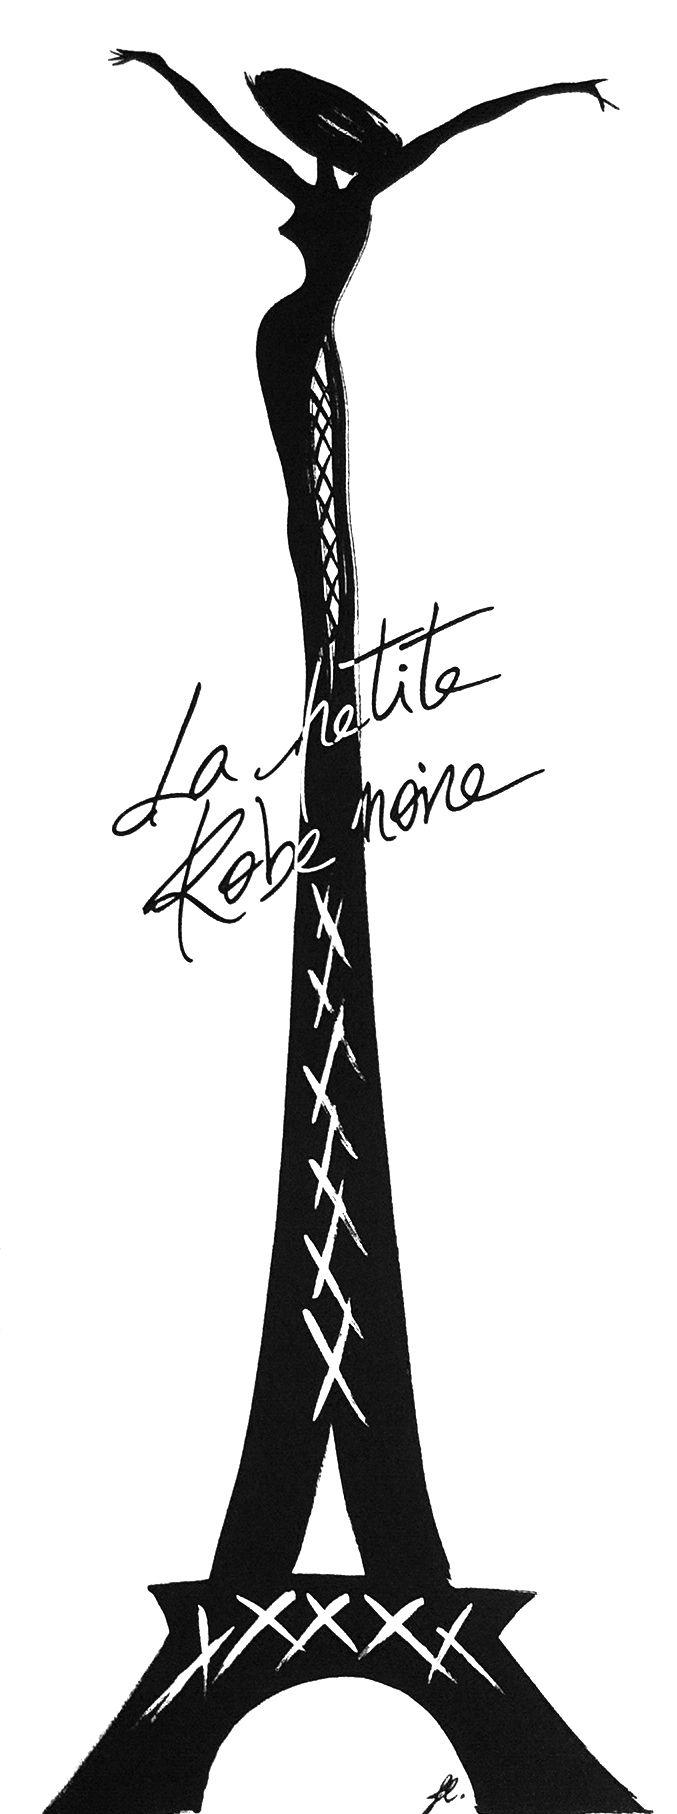 la petite robe noire couture guerlain mood 677 1814 l 39 art de la petite robe noire de. Black Bedroom Furniture Sets. Home Design Ideas